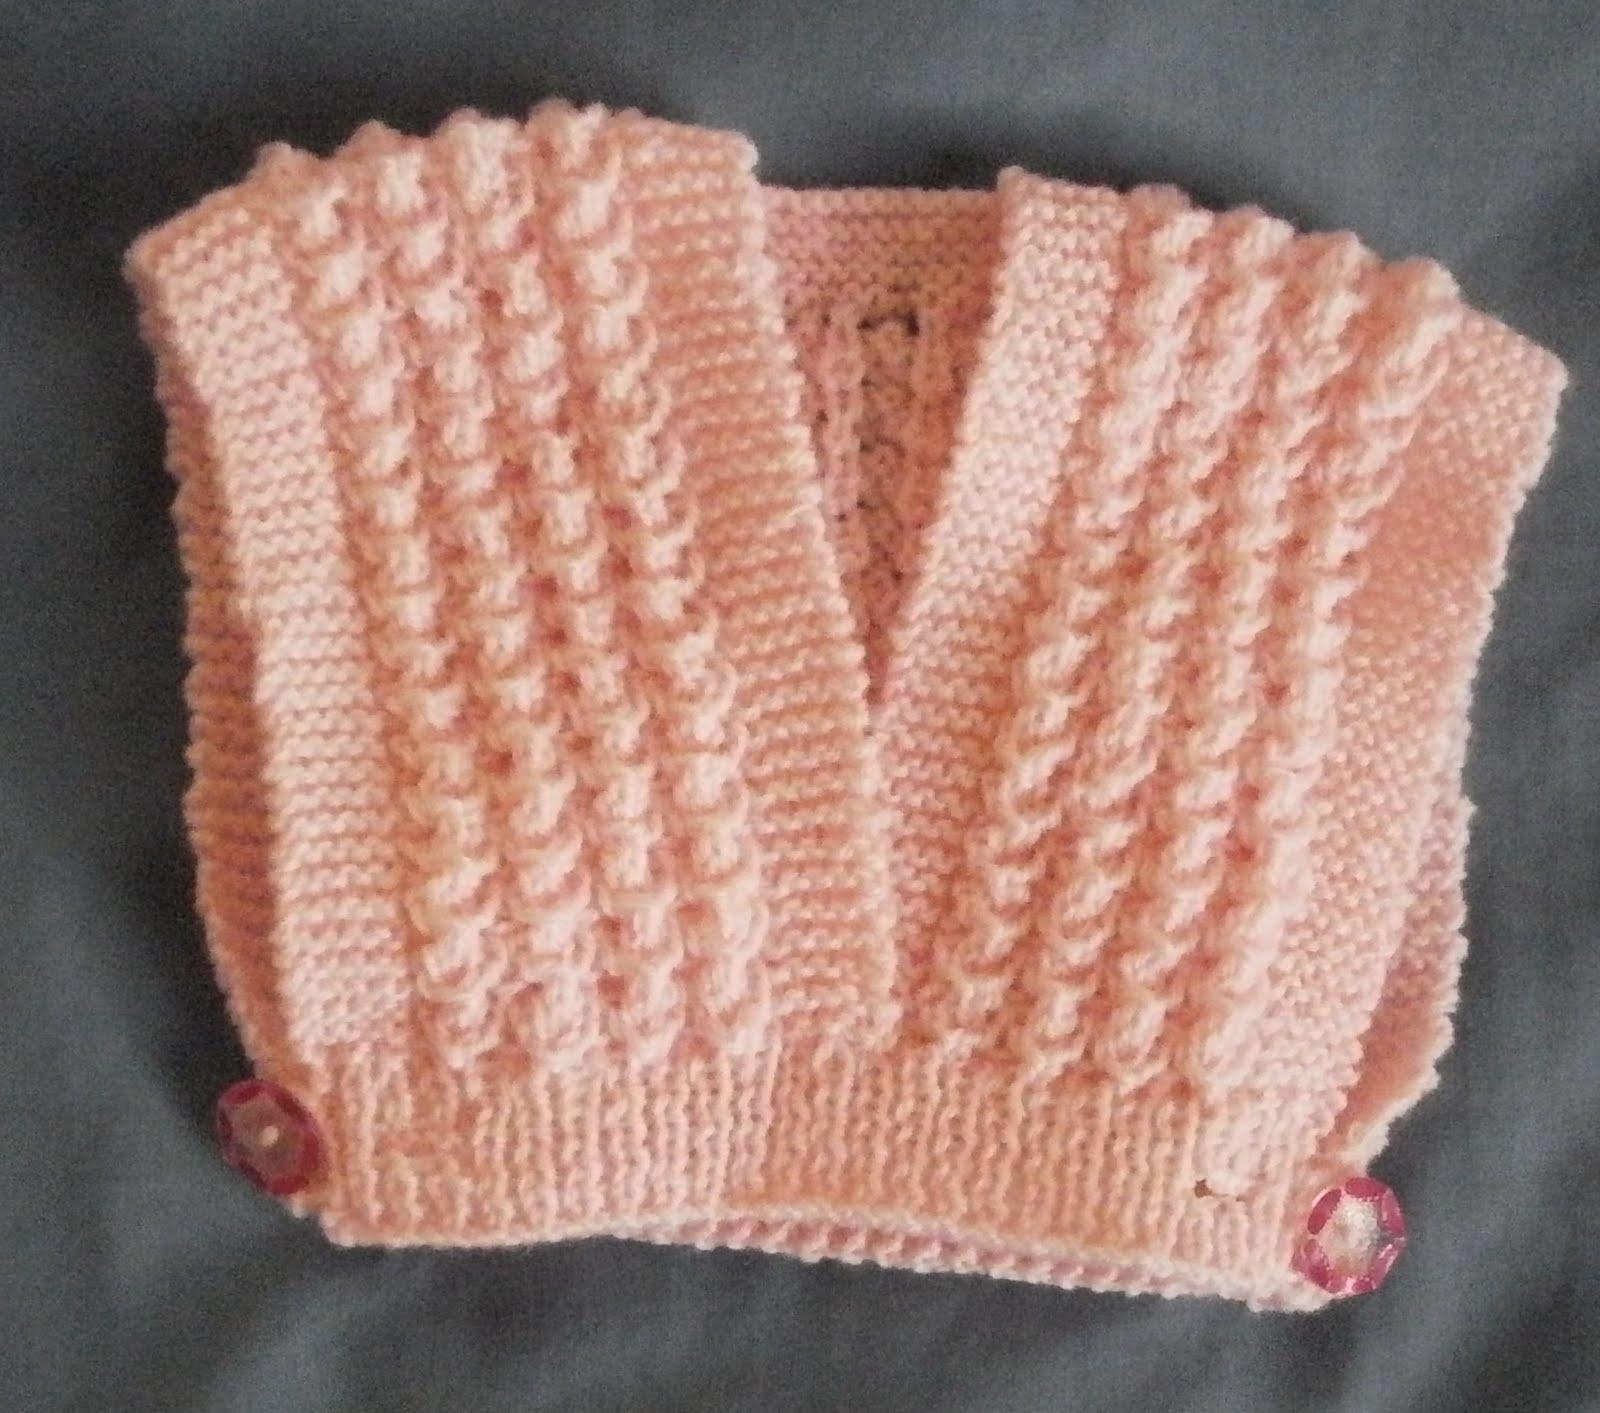 Petits doigts cache coeur b b - Point tricot fantaisie pour echarpe ...